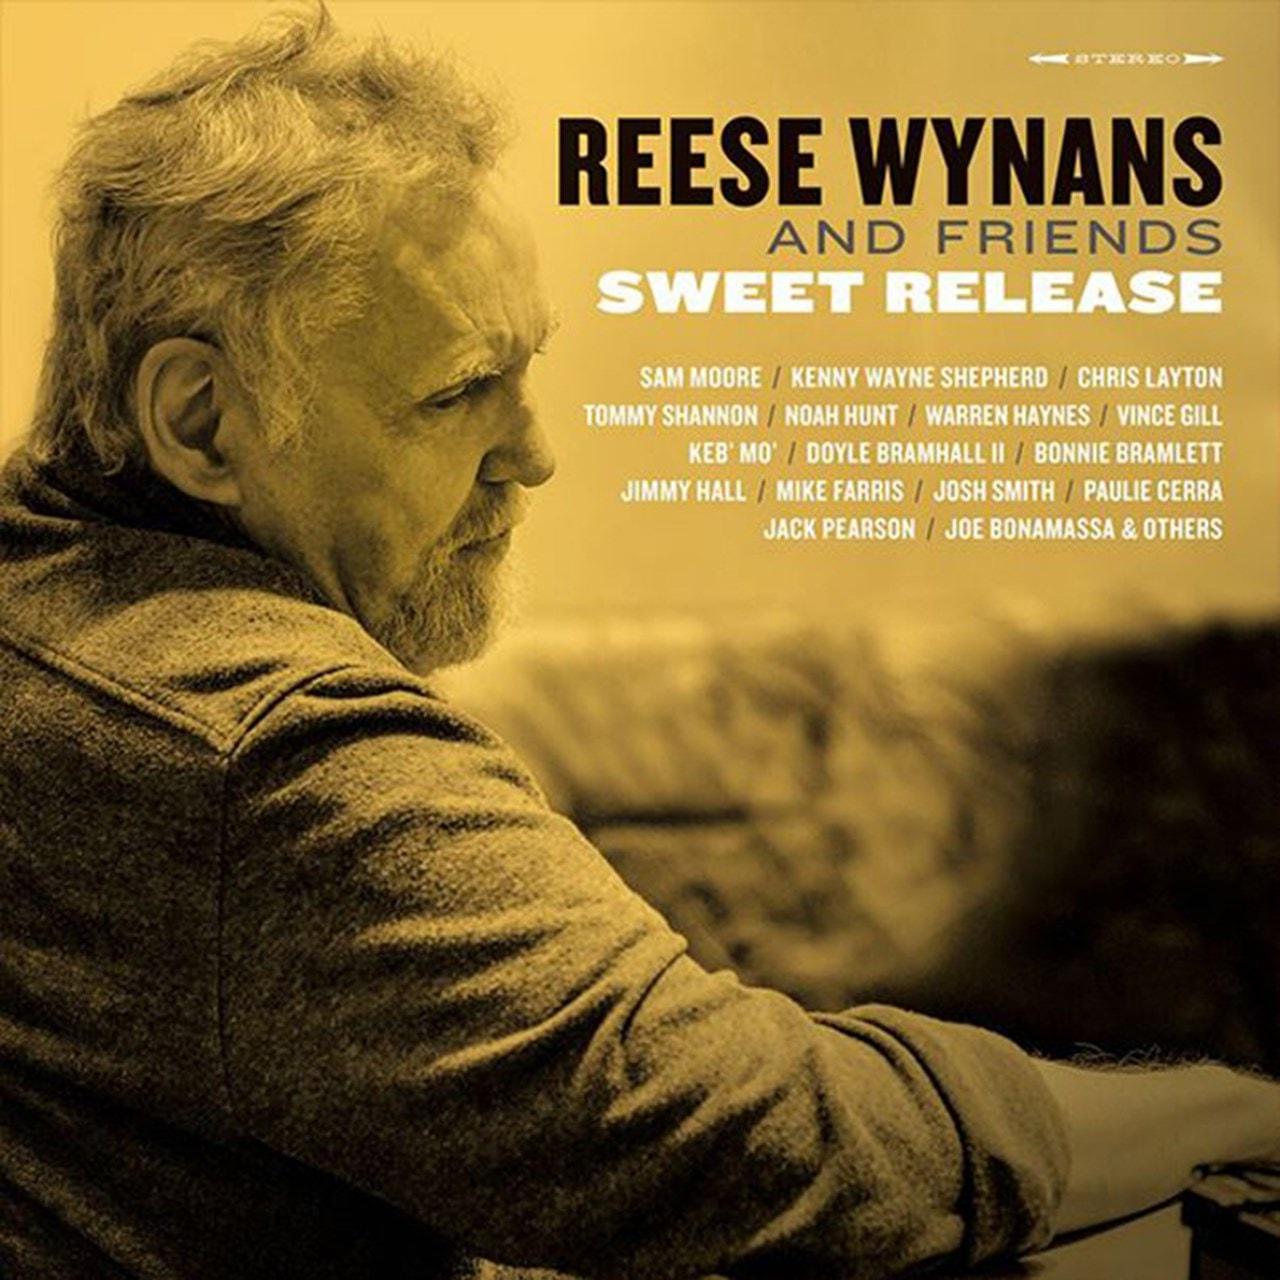 Sweet Release - 1